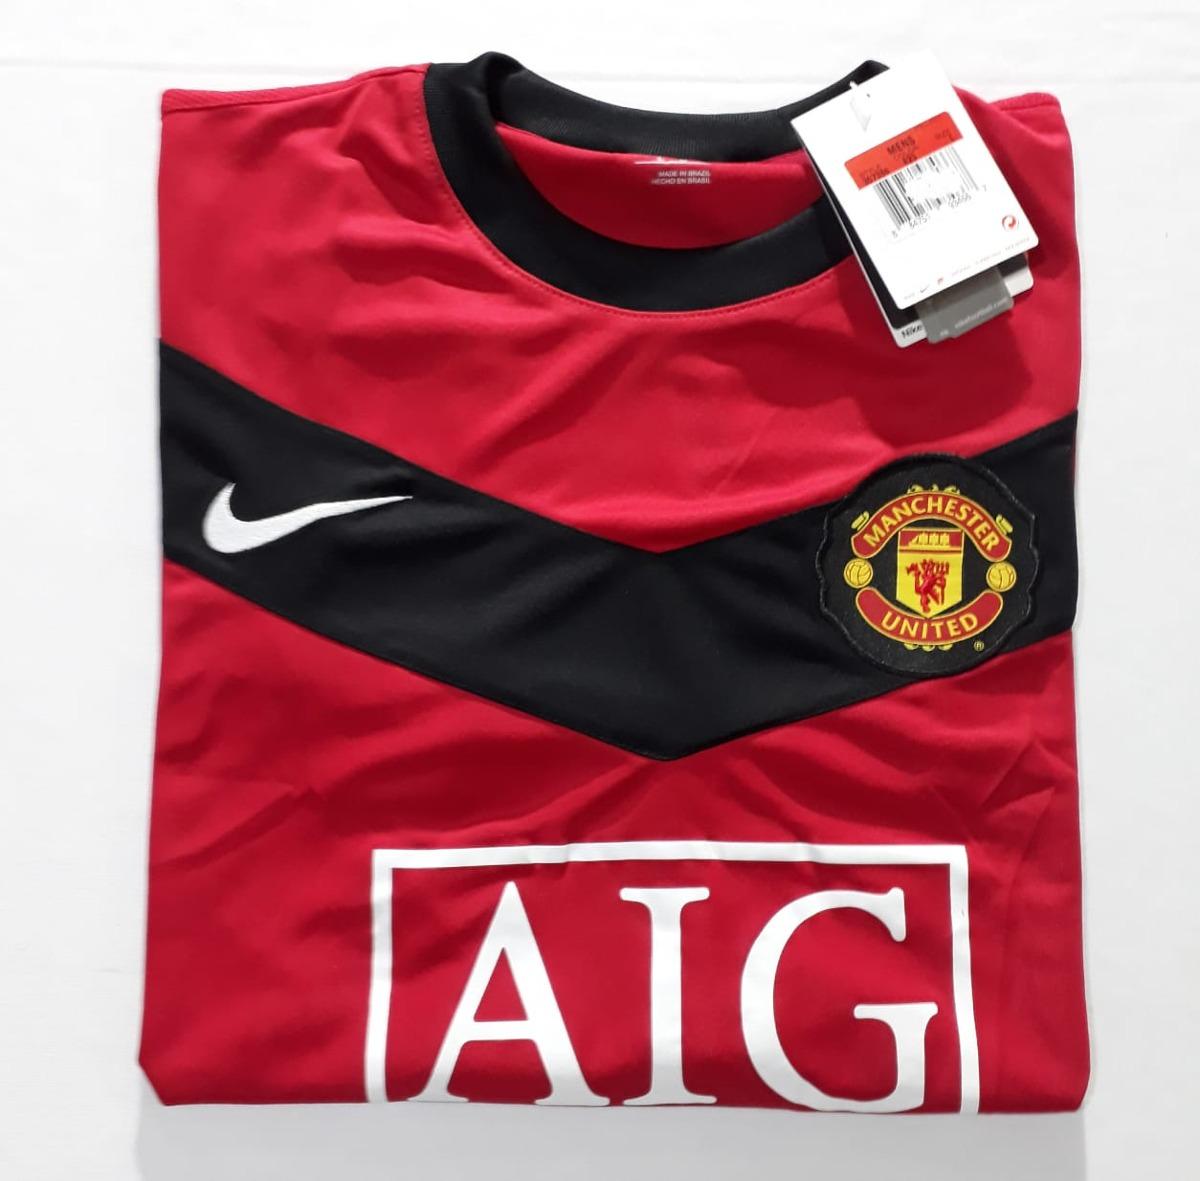 264fc85301 camisa manchester united home nike temporada 09 10. Carregando zoom.